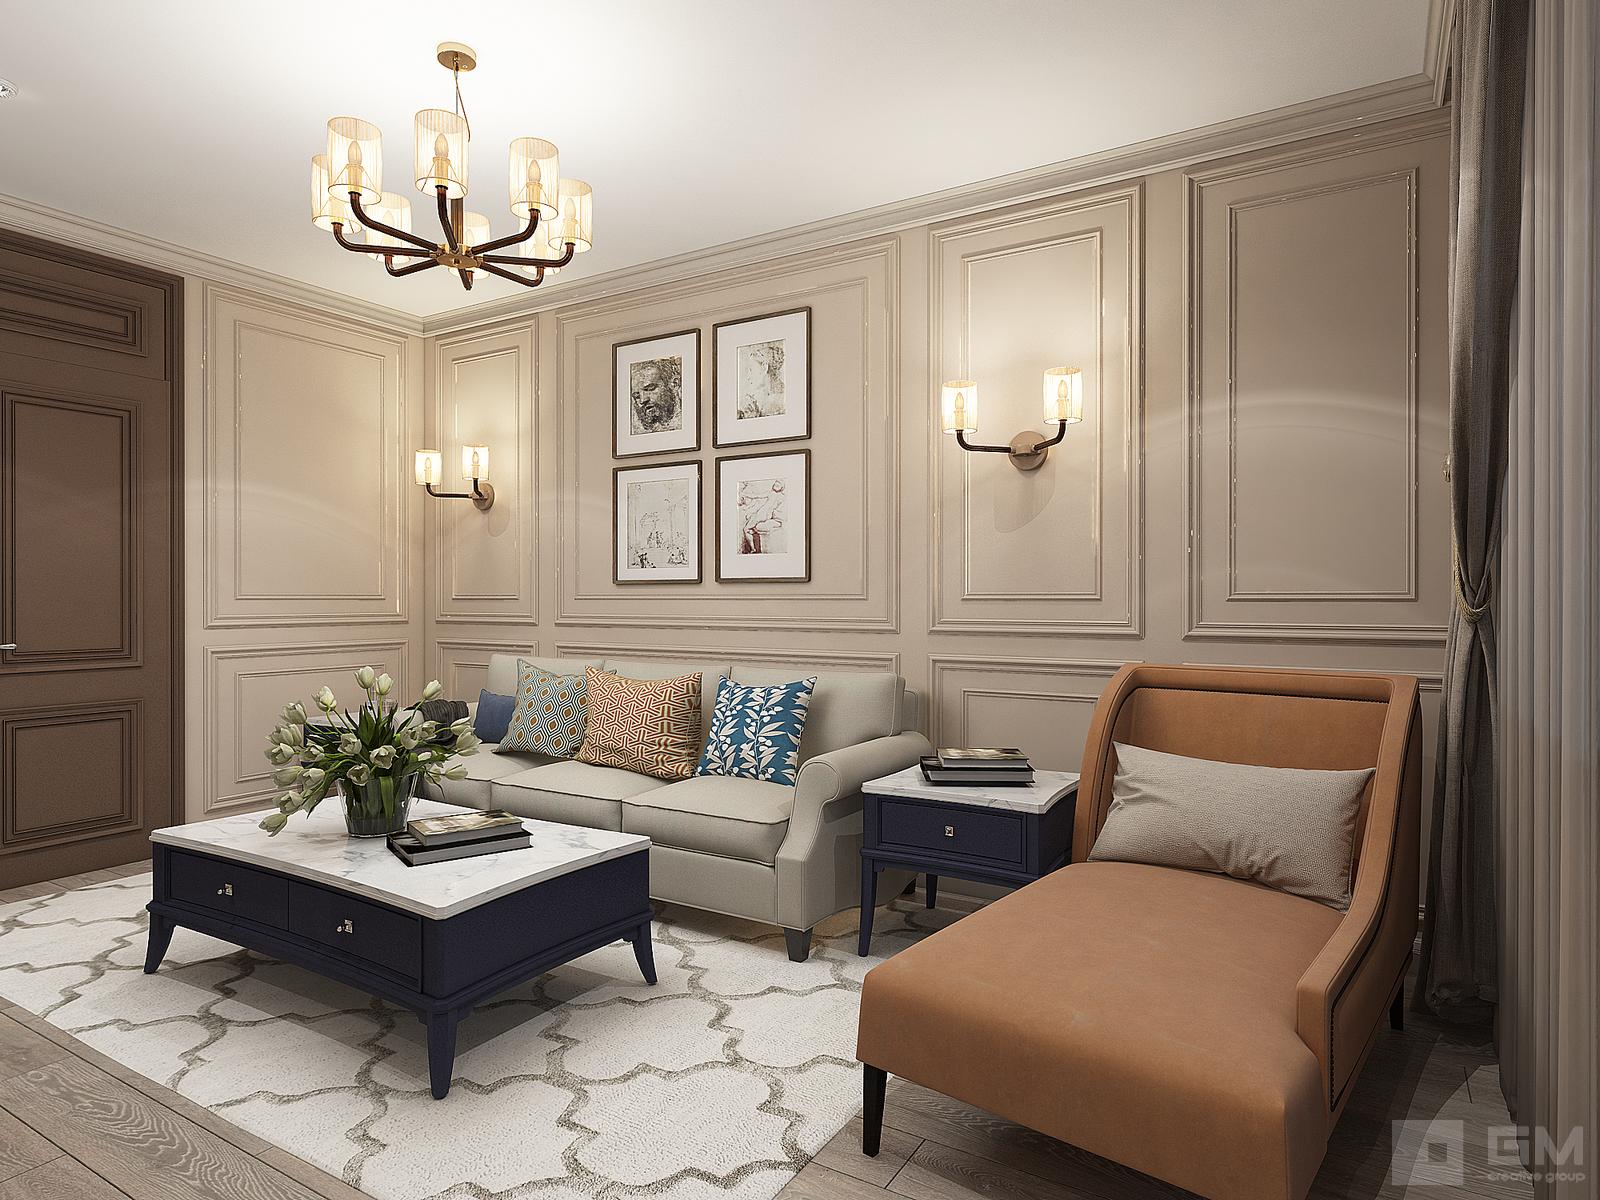 Интерьер квартиры площадью 60 кв.м., в стиле американская классика от студии дизайна интерьеров GM-Interior